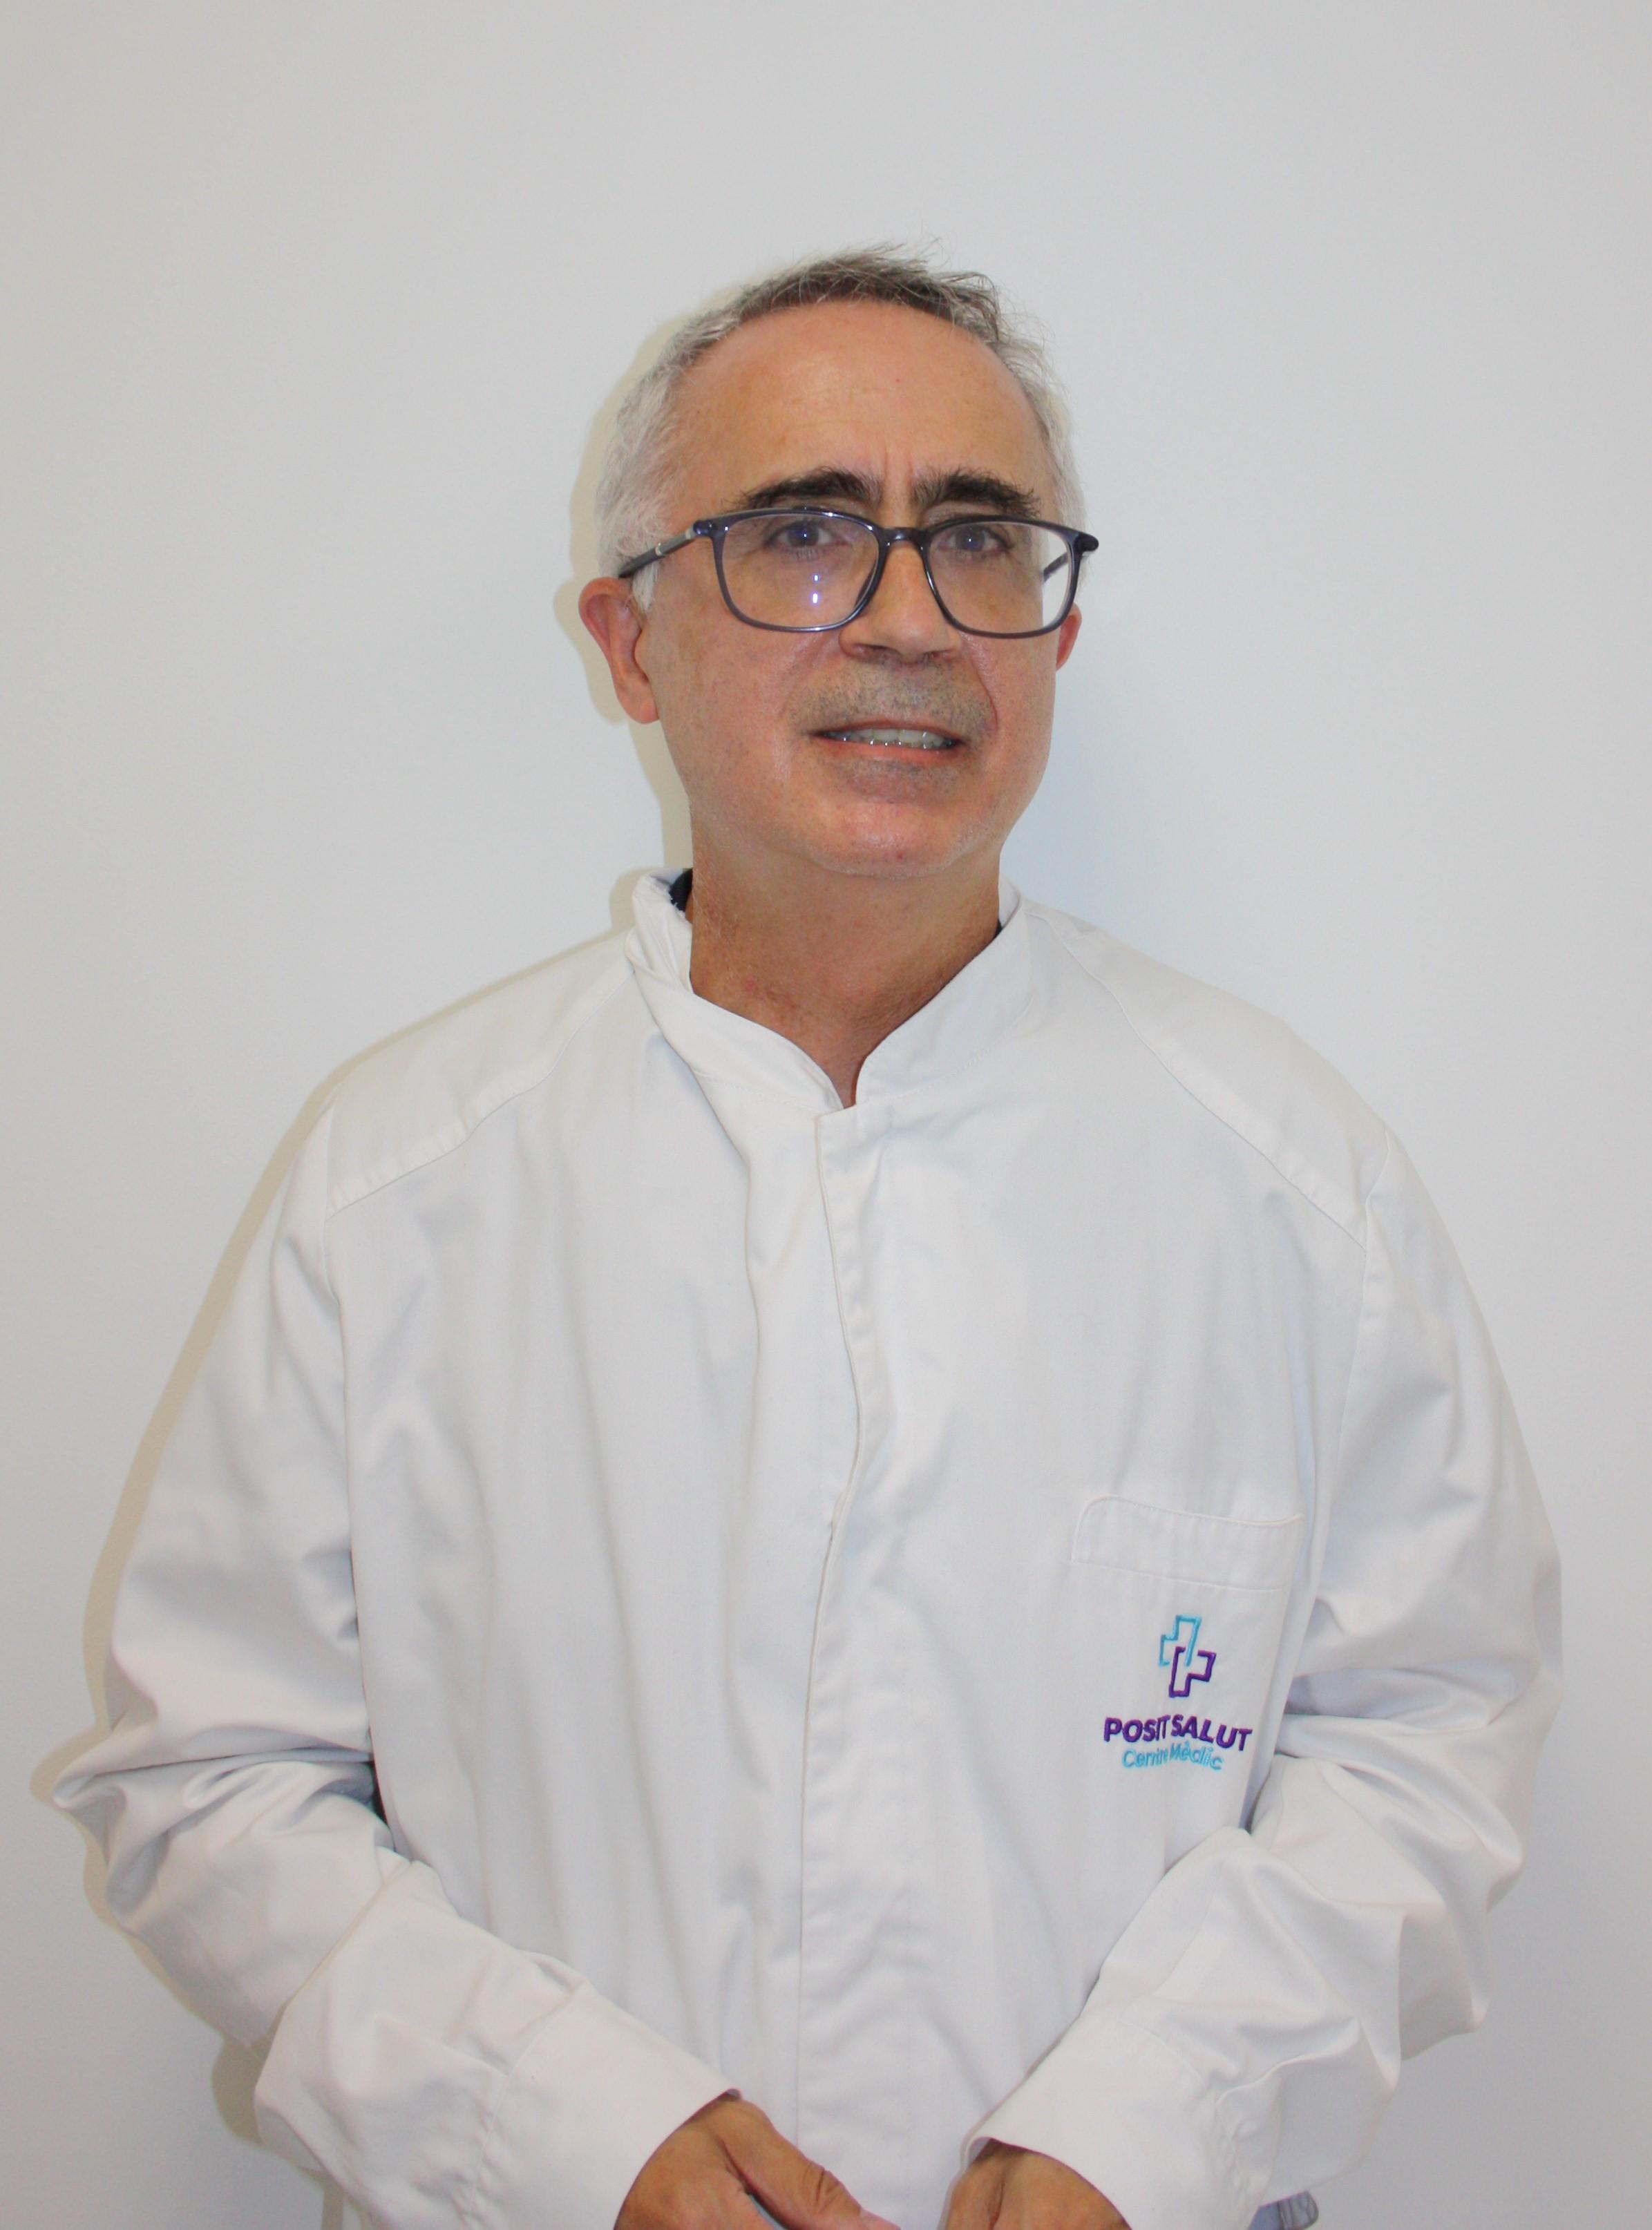 Imatge de un profesional de la salut pasant visita